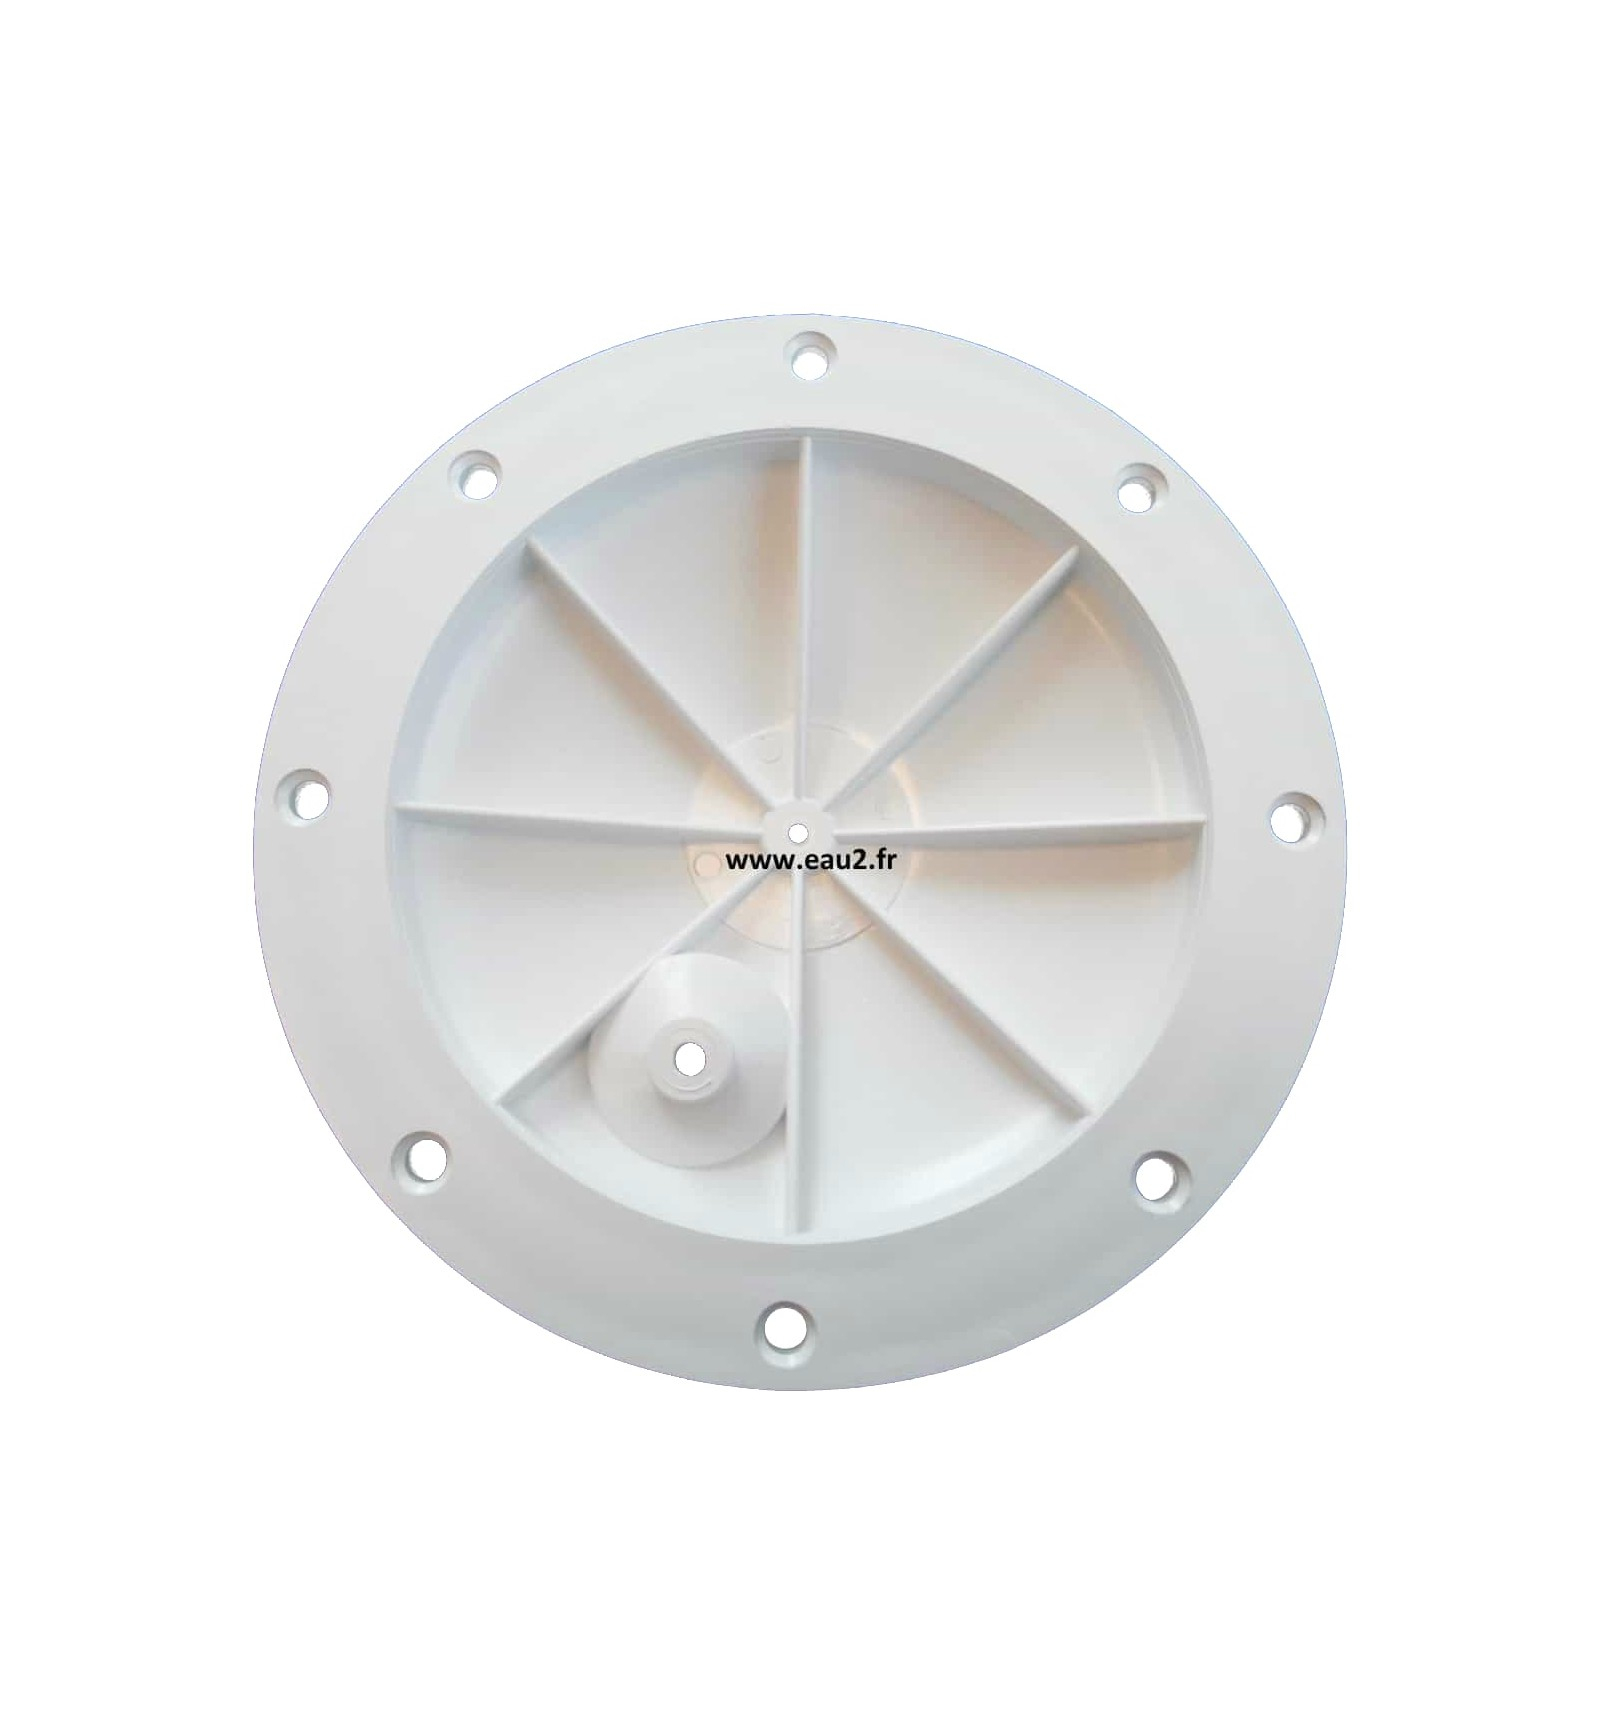 Filtre Astral Poltank Couvercle Filtre À Sable 4404190000 à Couvercle Filtre A Sable Piscine